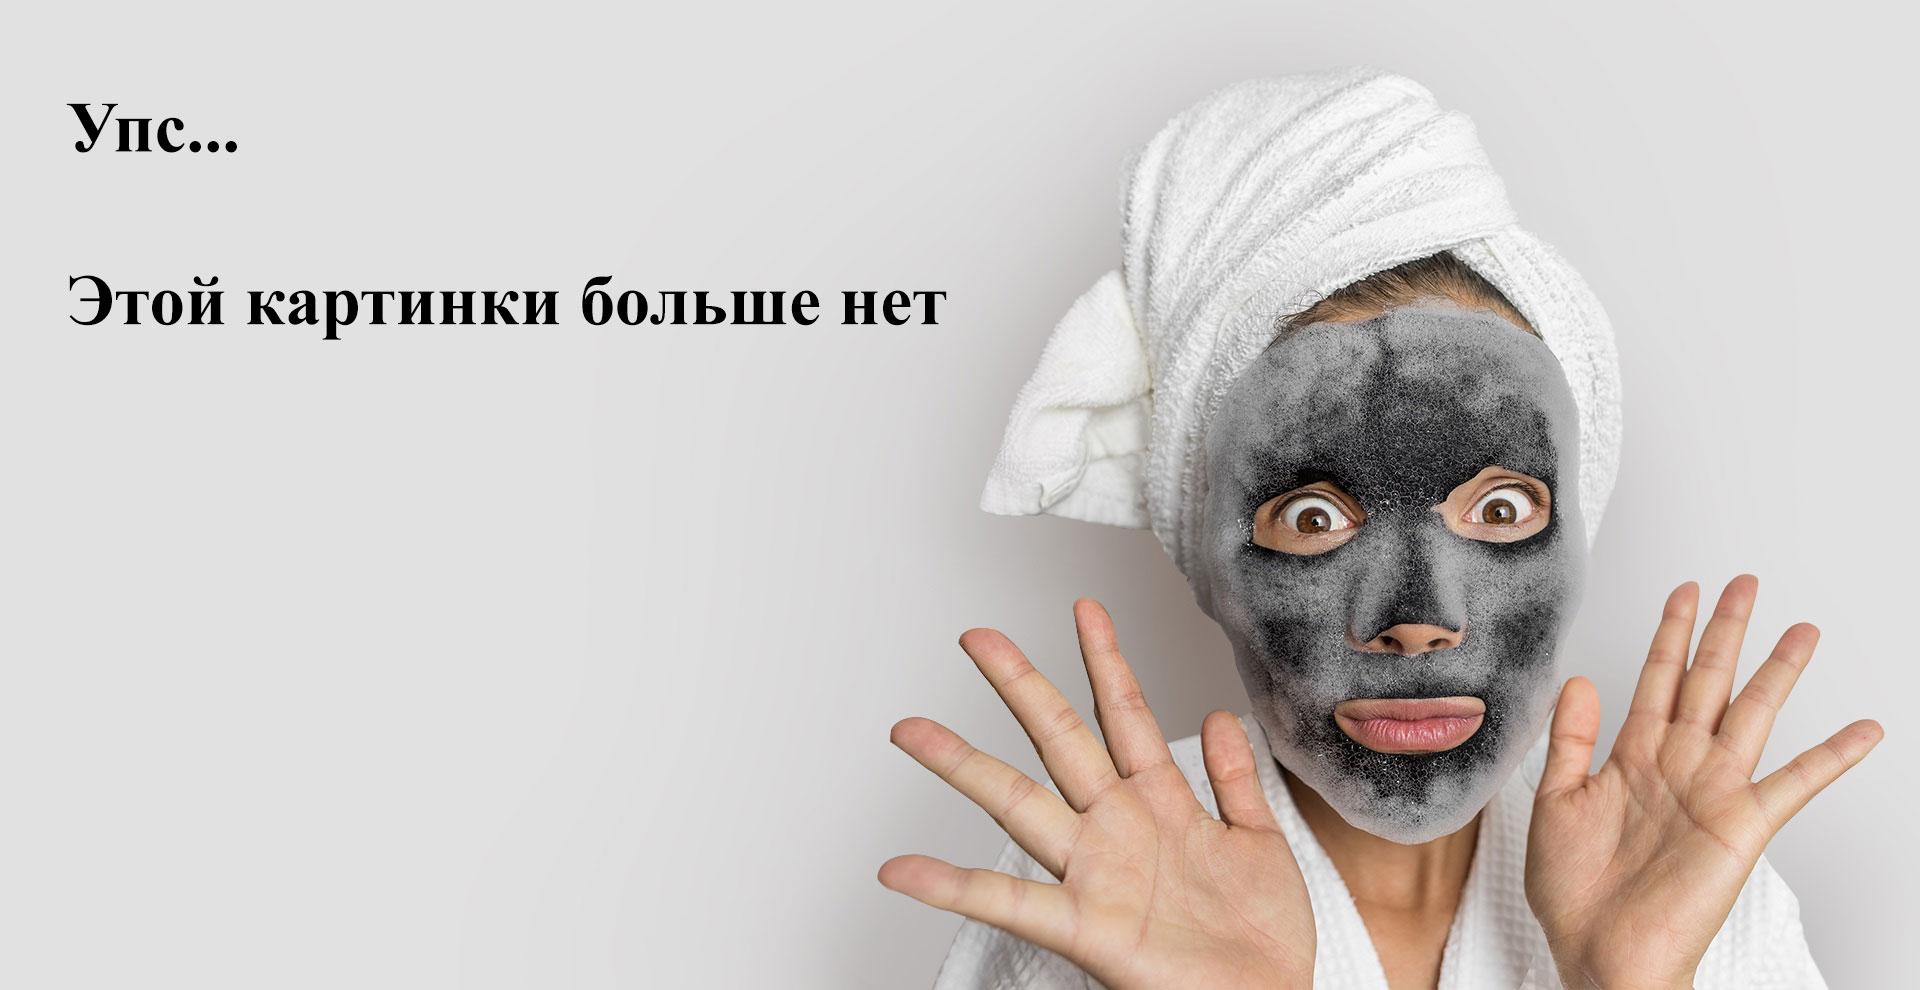 Estel, Эмульсия для защиты волос, хромоэнергетический комплекс (ХЭК)